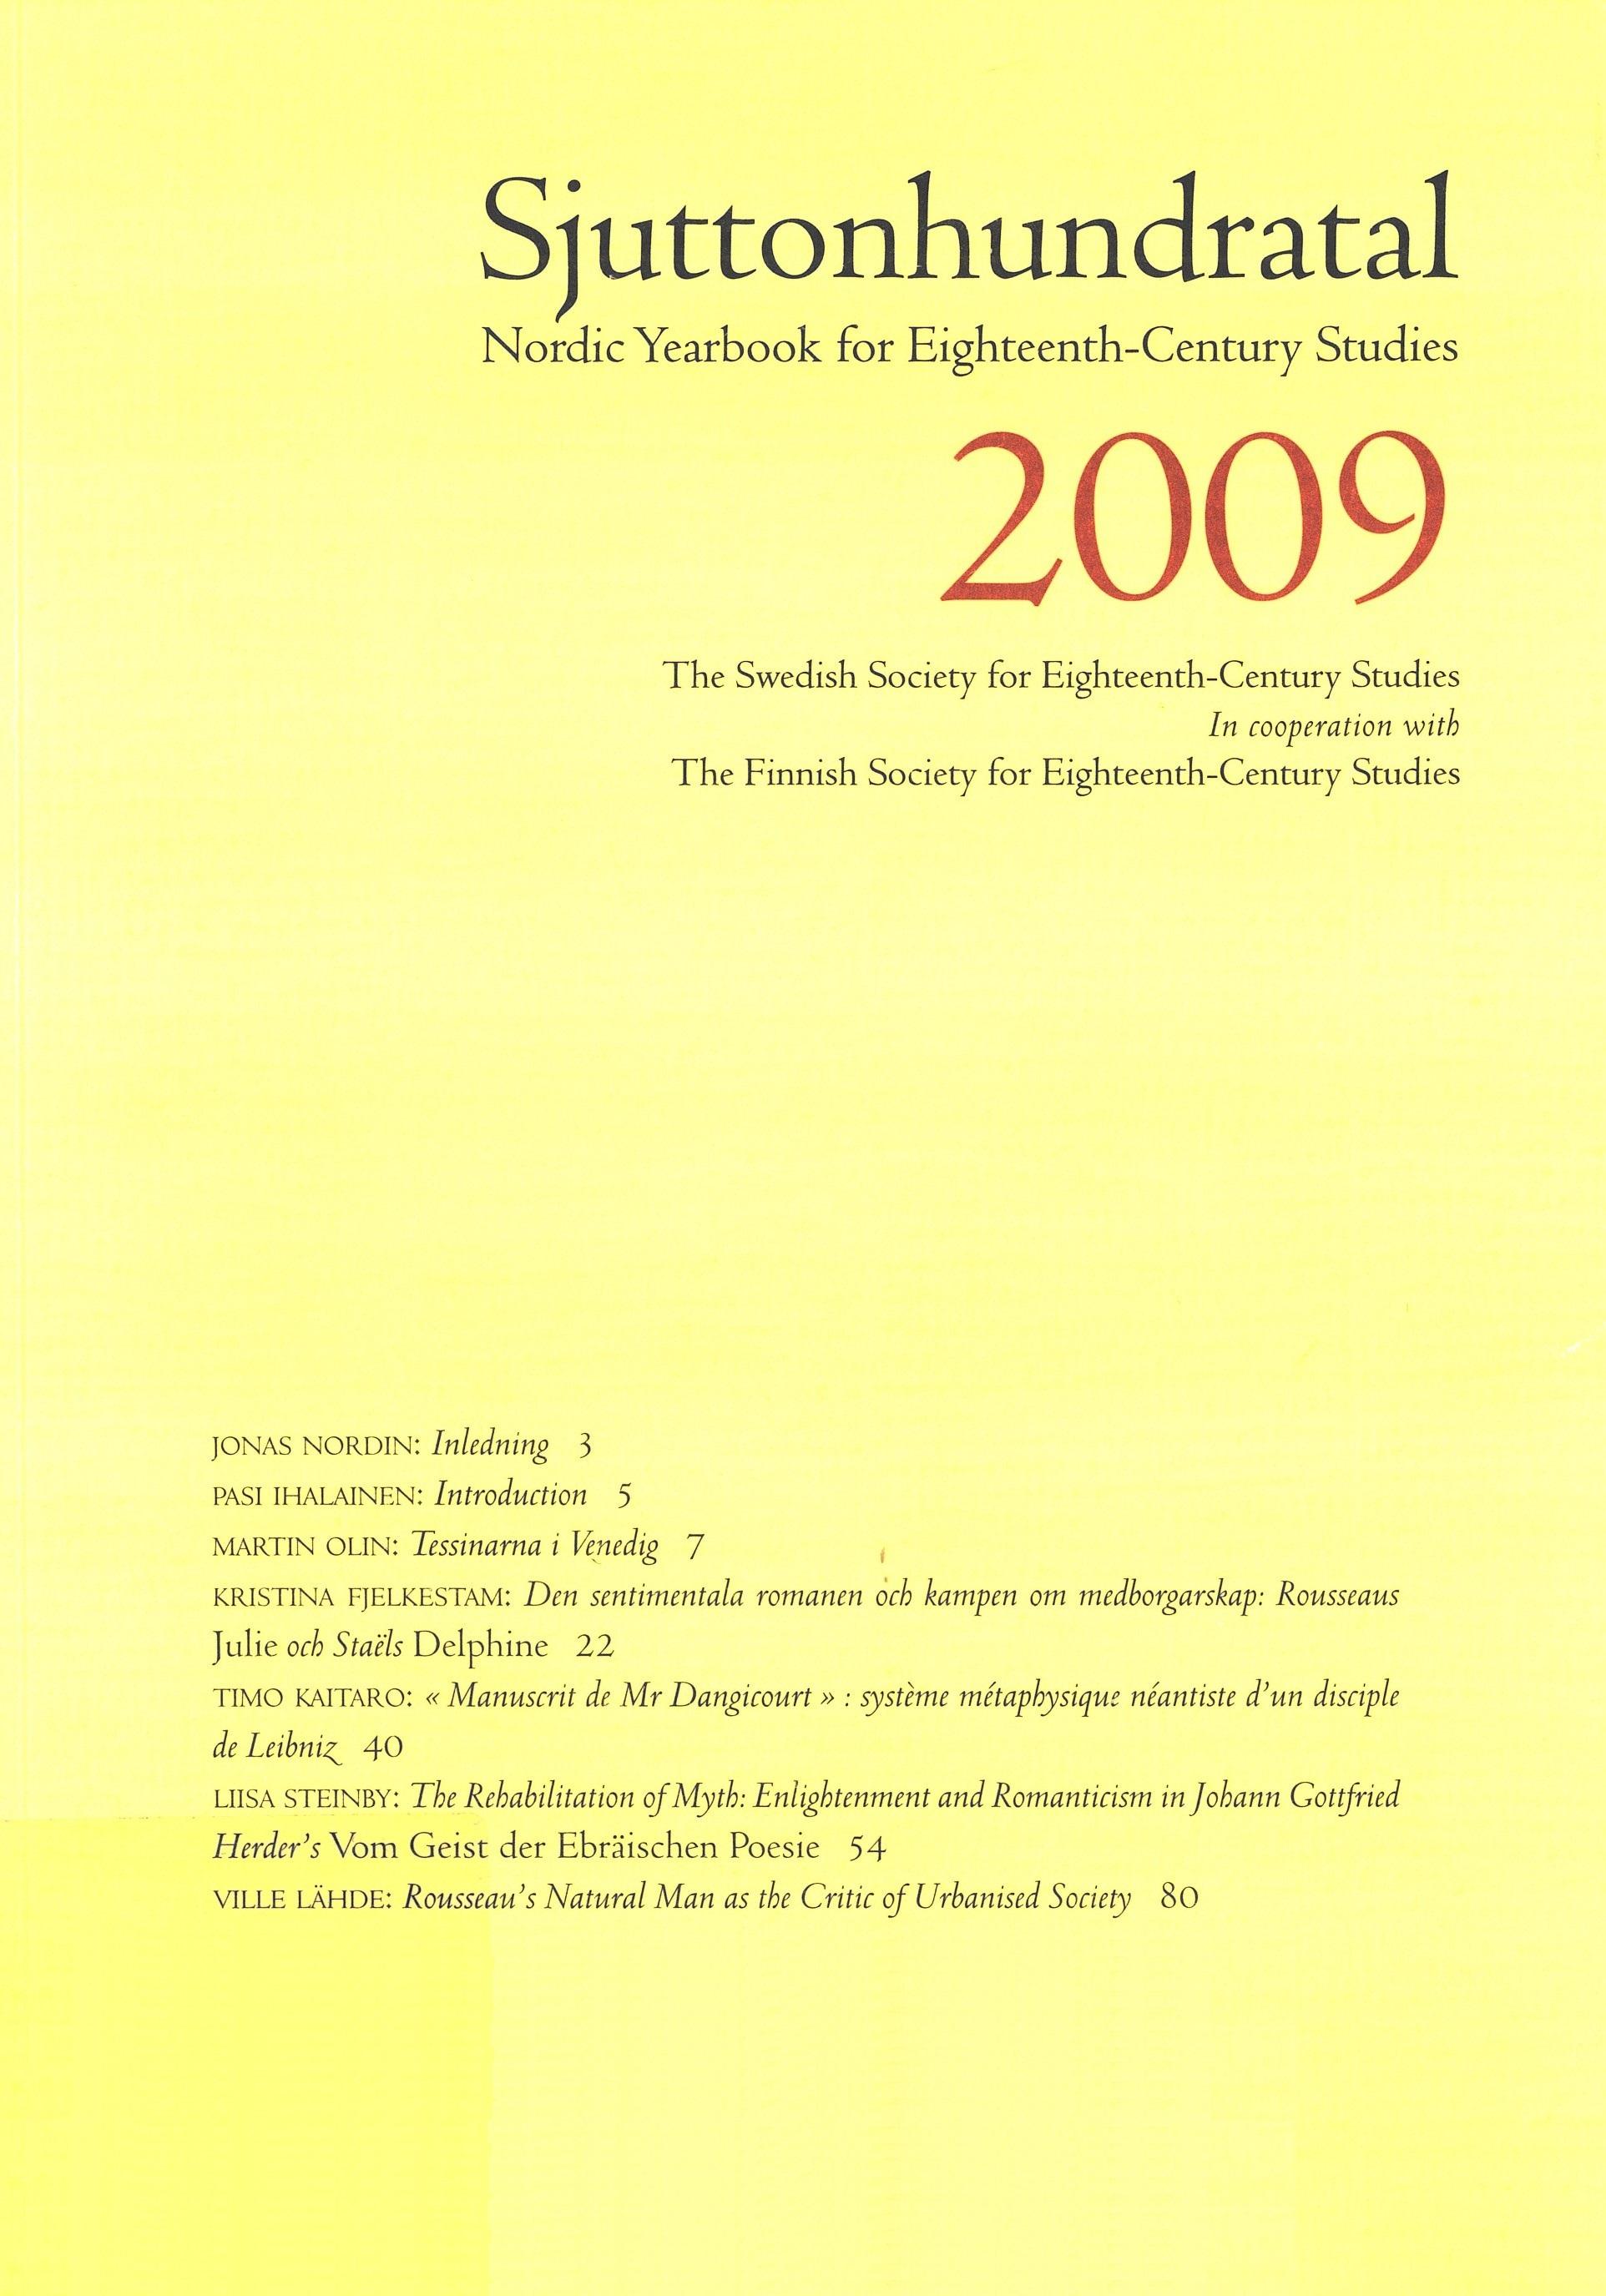 View Vol. 6 (2009)